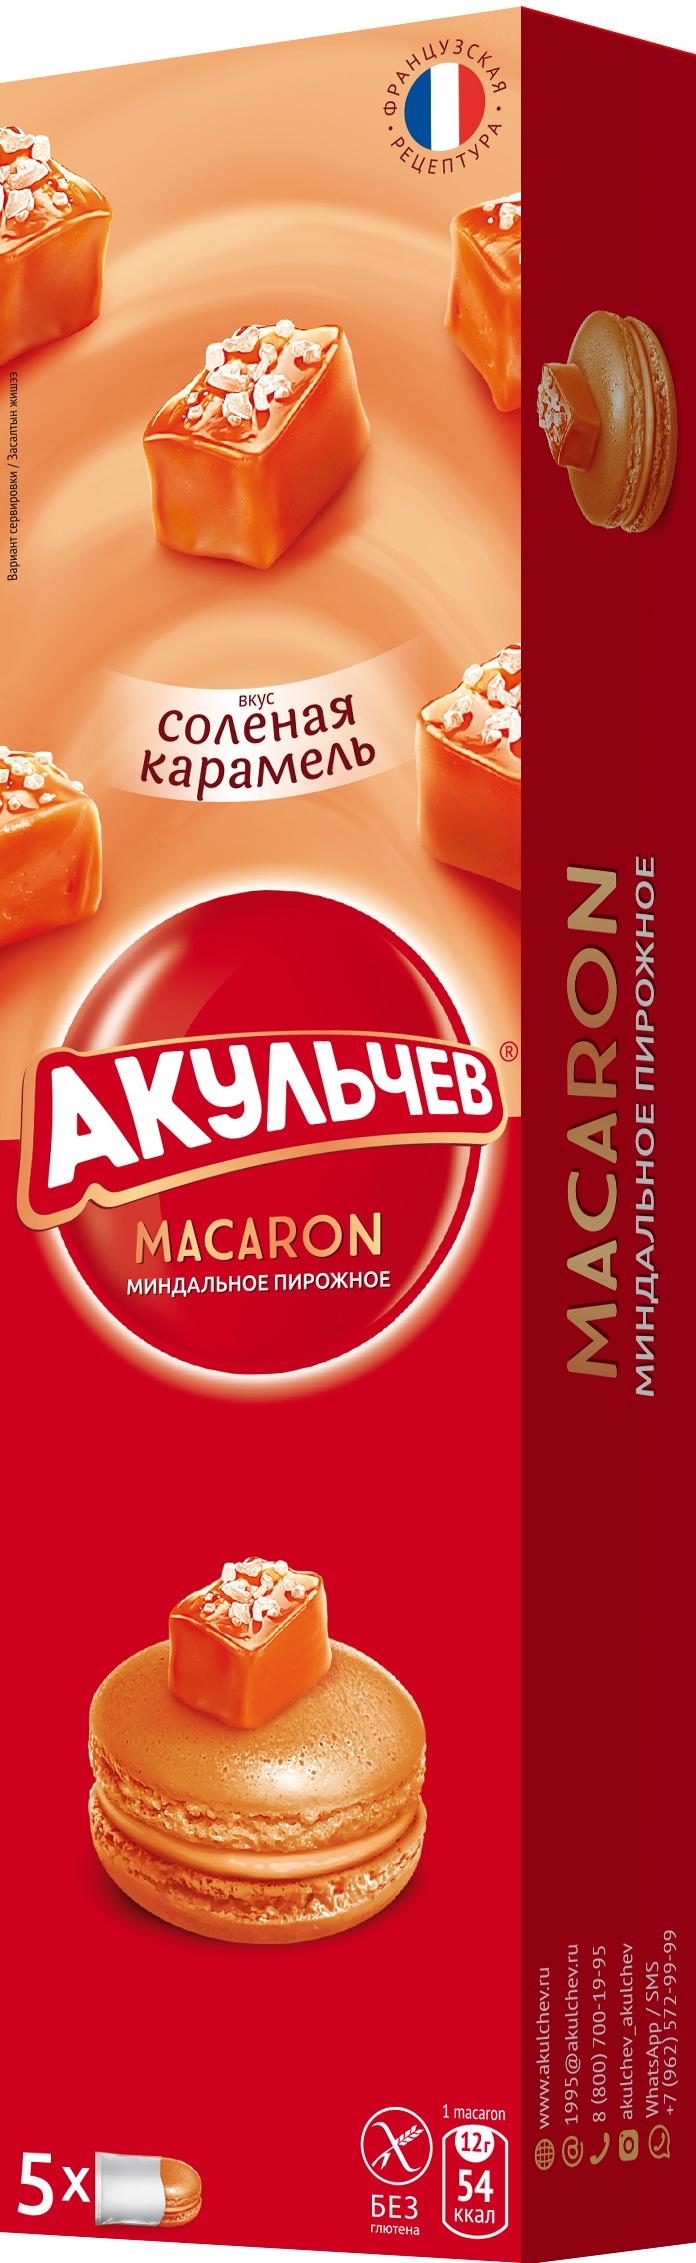 Макаруны ТМ АКУЛЬЧЕВ 14080, 72